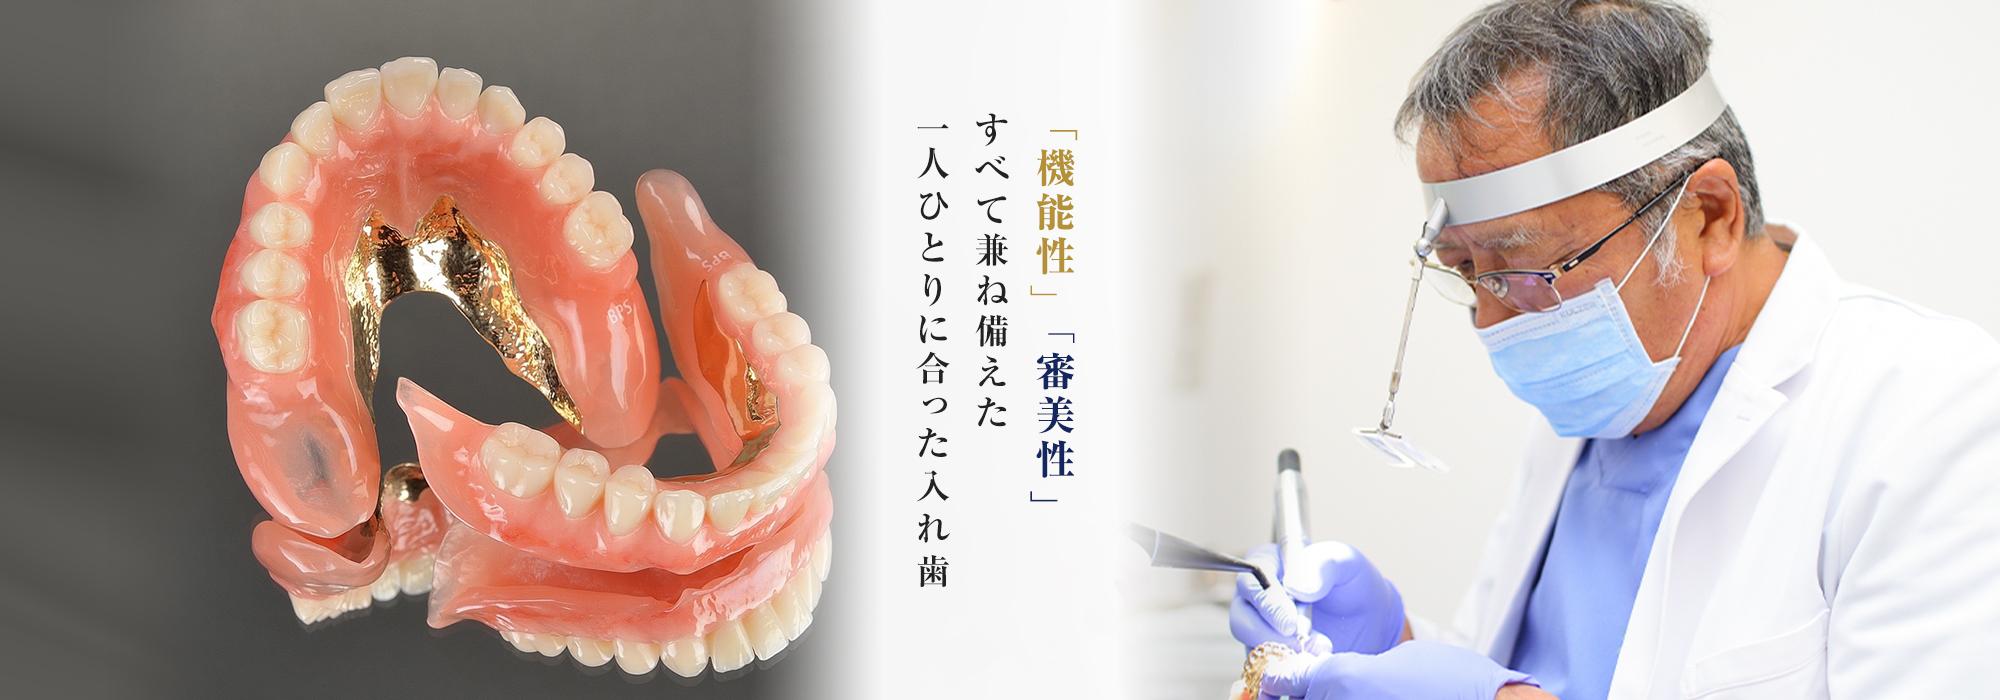 「機能性」「審美性」すべて兼ね備えた一人ひとりに合った入れ歯